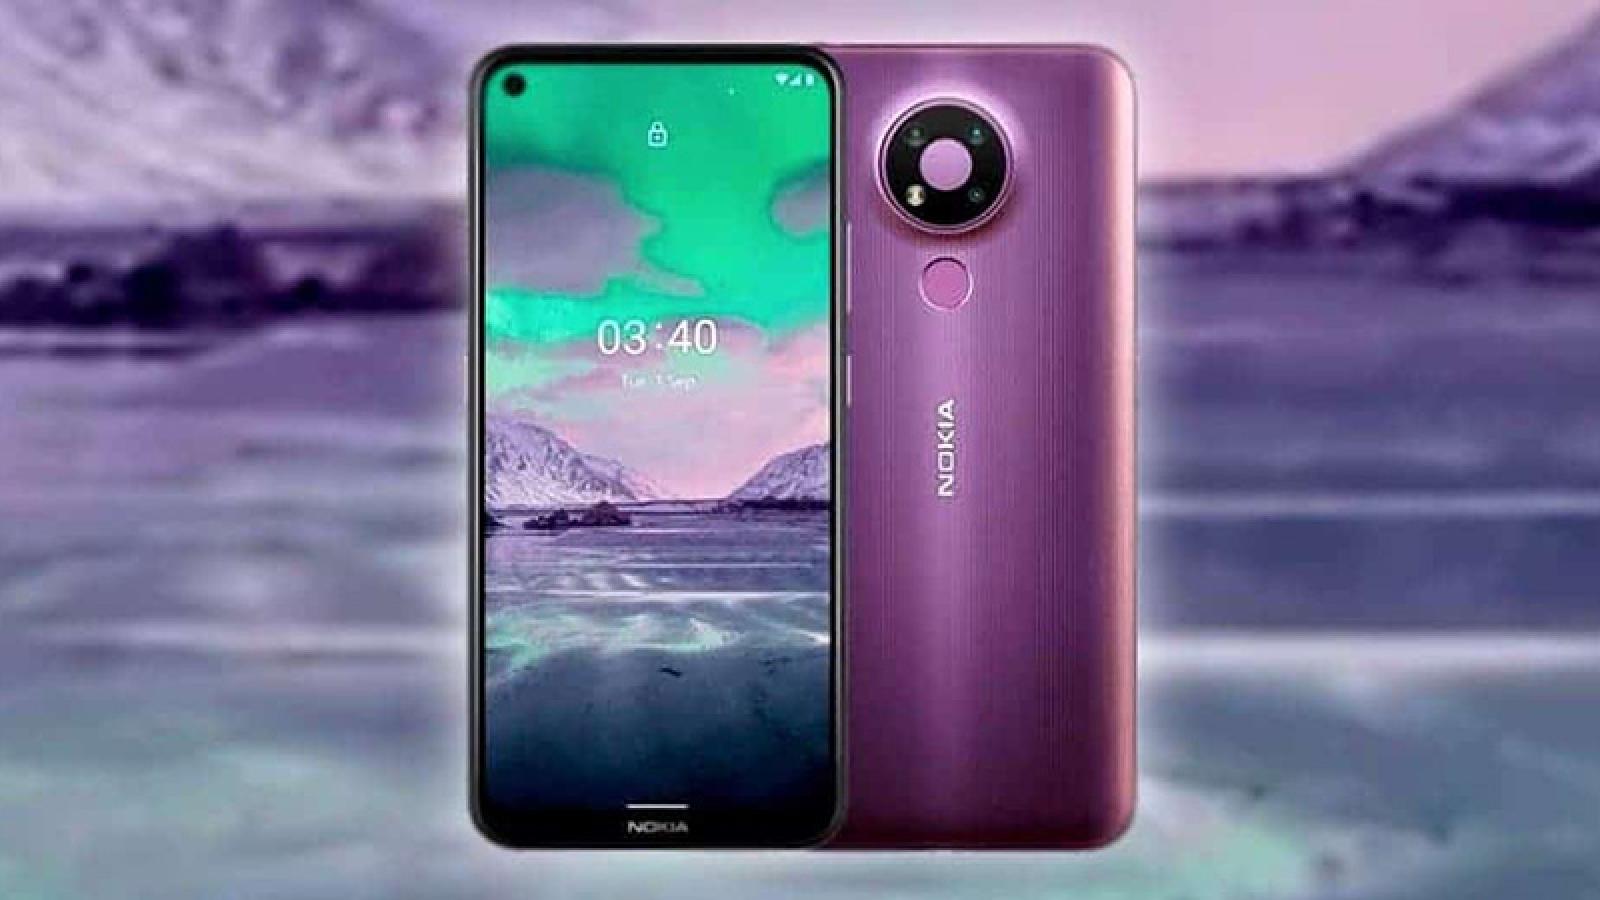 Giá bán Nokia 5.4 lộ diện trước thời điểm ra mắt